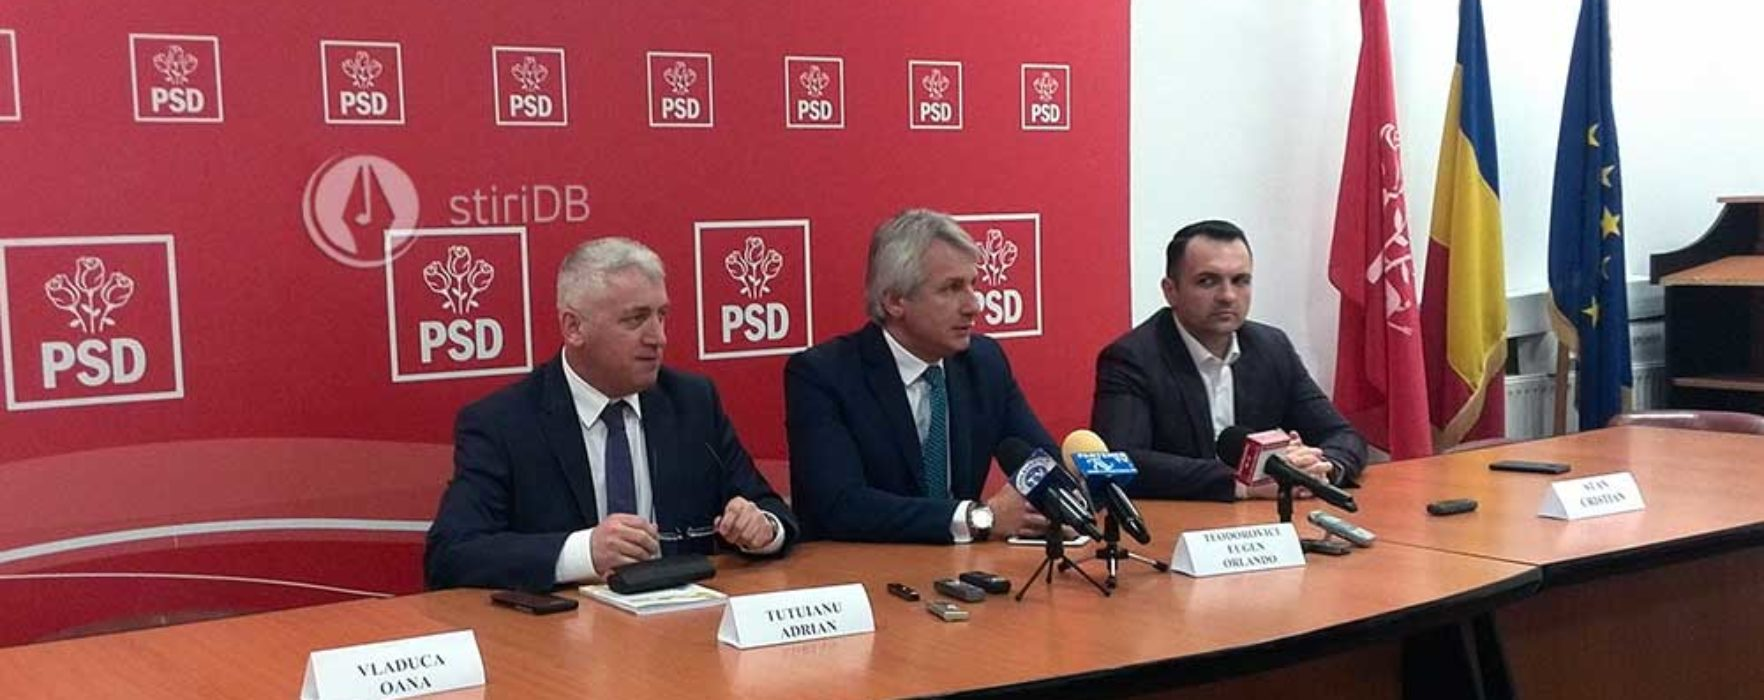 Eugen Teodorovici, la Târgovişte: Formularele online se depun la etajul 2, nu era o glumă, ci realitate; nu mi-a venit să cred